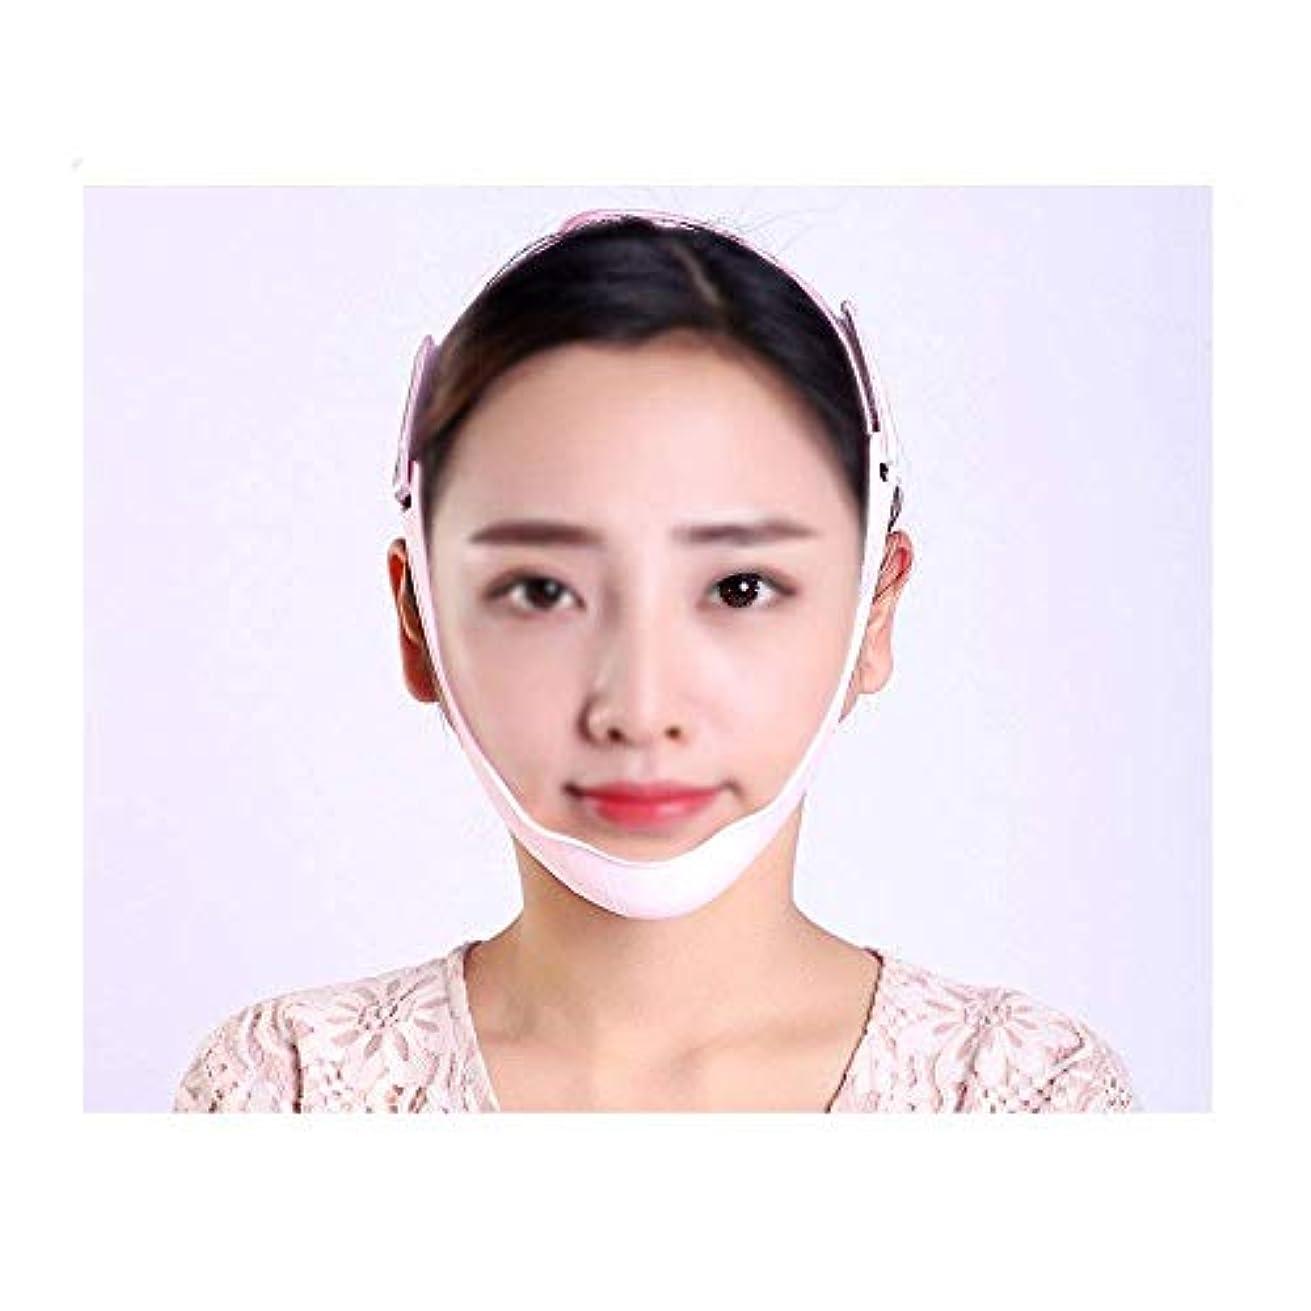 揮発性チャーミングケーキフェイシャルリフティングマスク、リフティングフェイシャルファーミングアーティファクト/マッサージ器薄い顔の包帯/通気性ダブルチンスリミングマスク